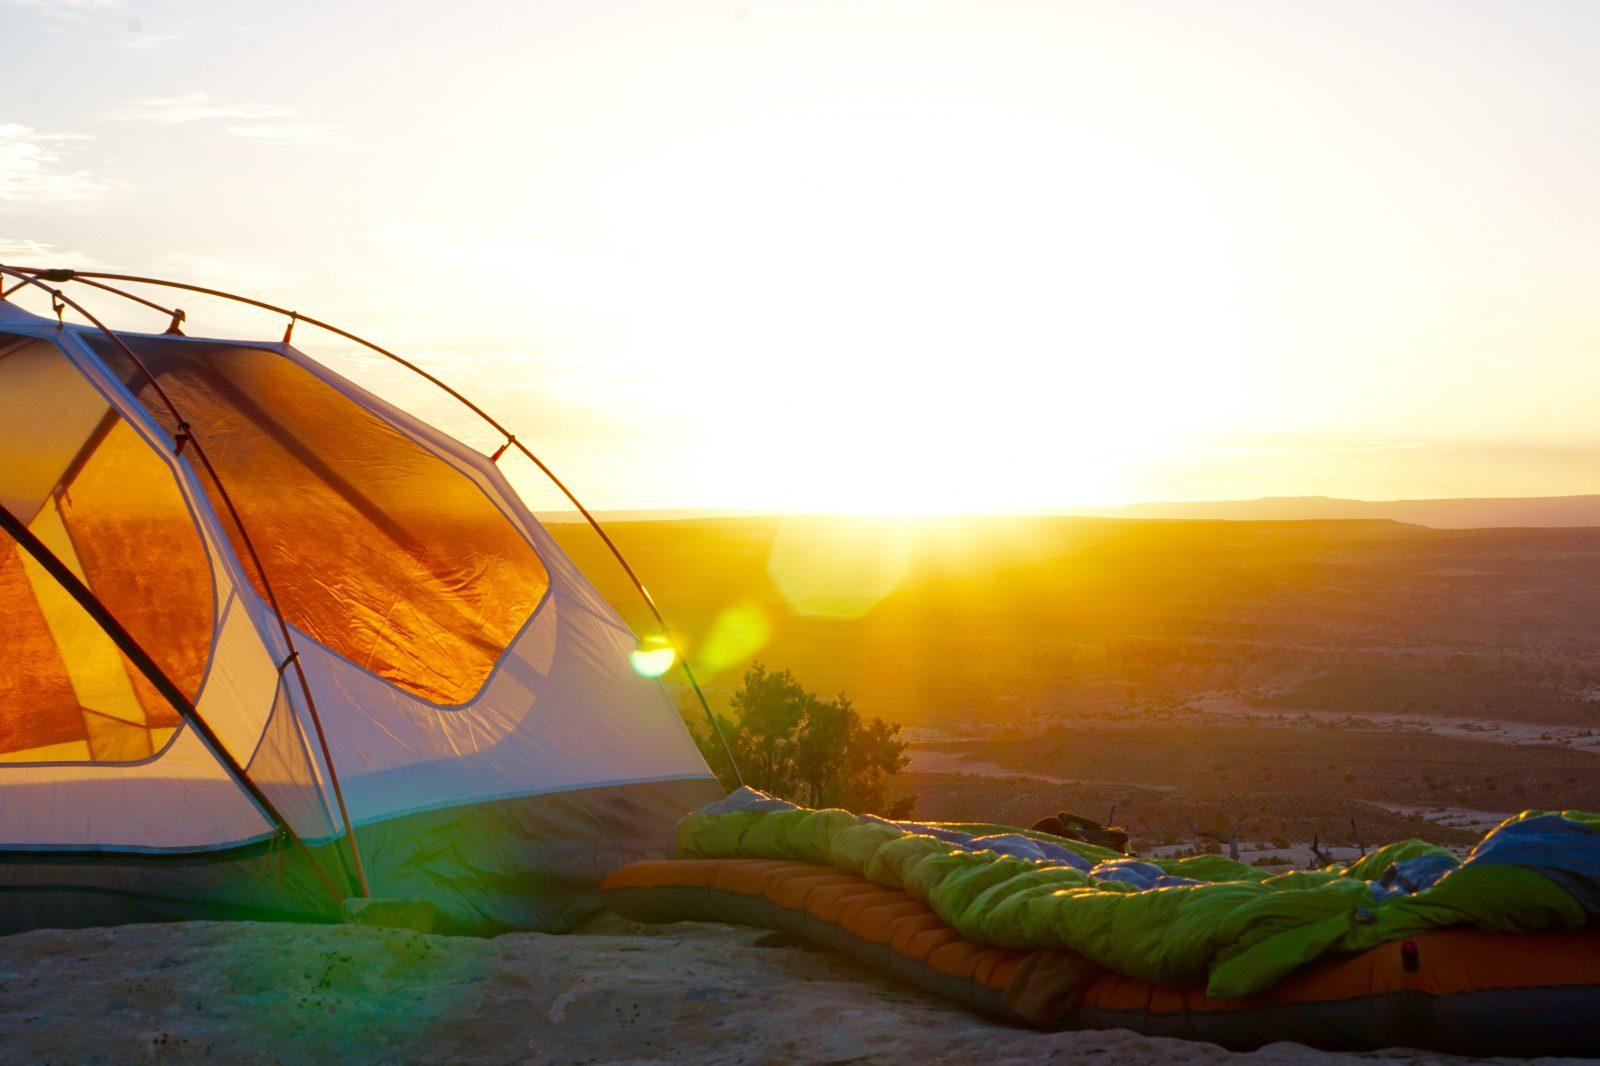 Kada je lepo vreme može se spavati i van šatora, bitno je da imate dobru vreću za spavanje